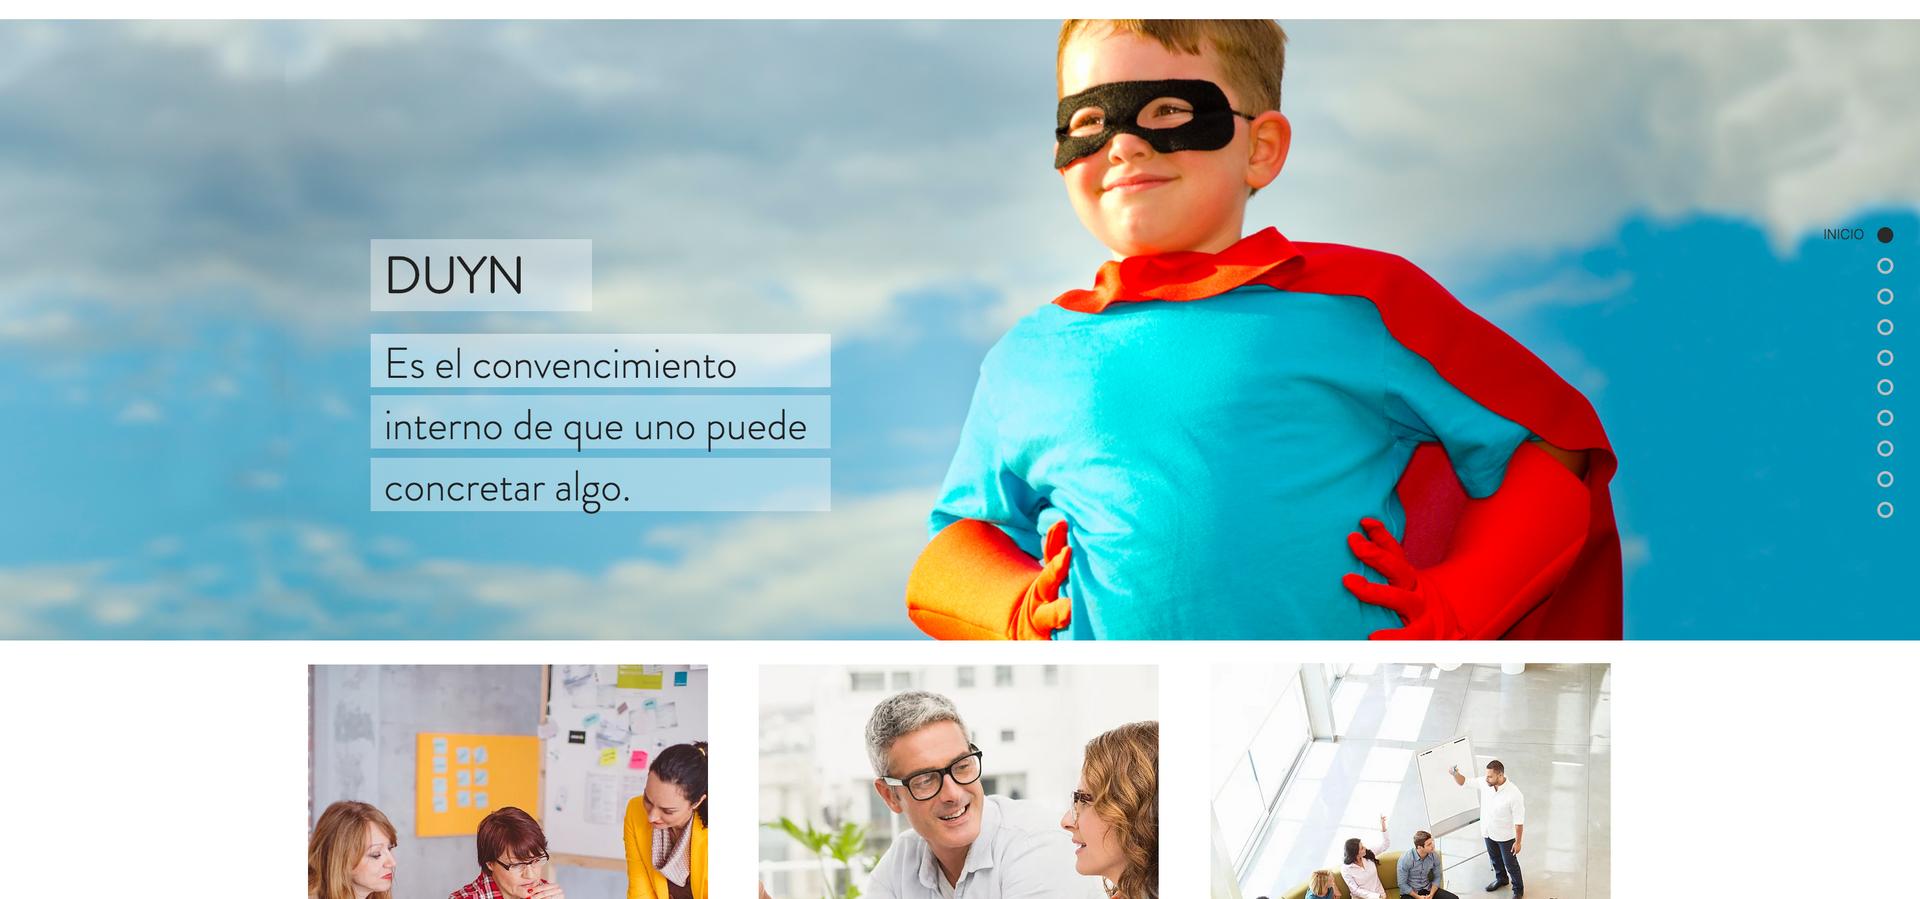 Duyn, Consultora - Web